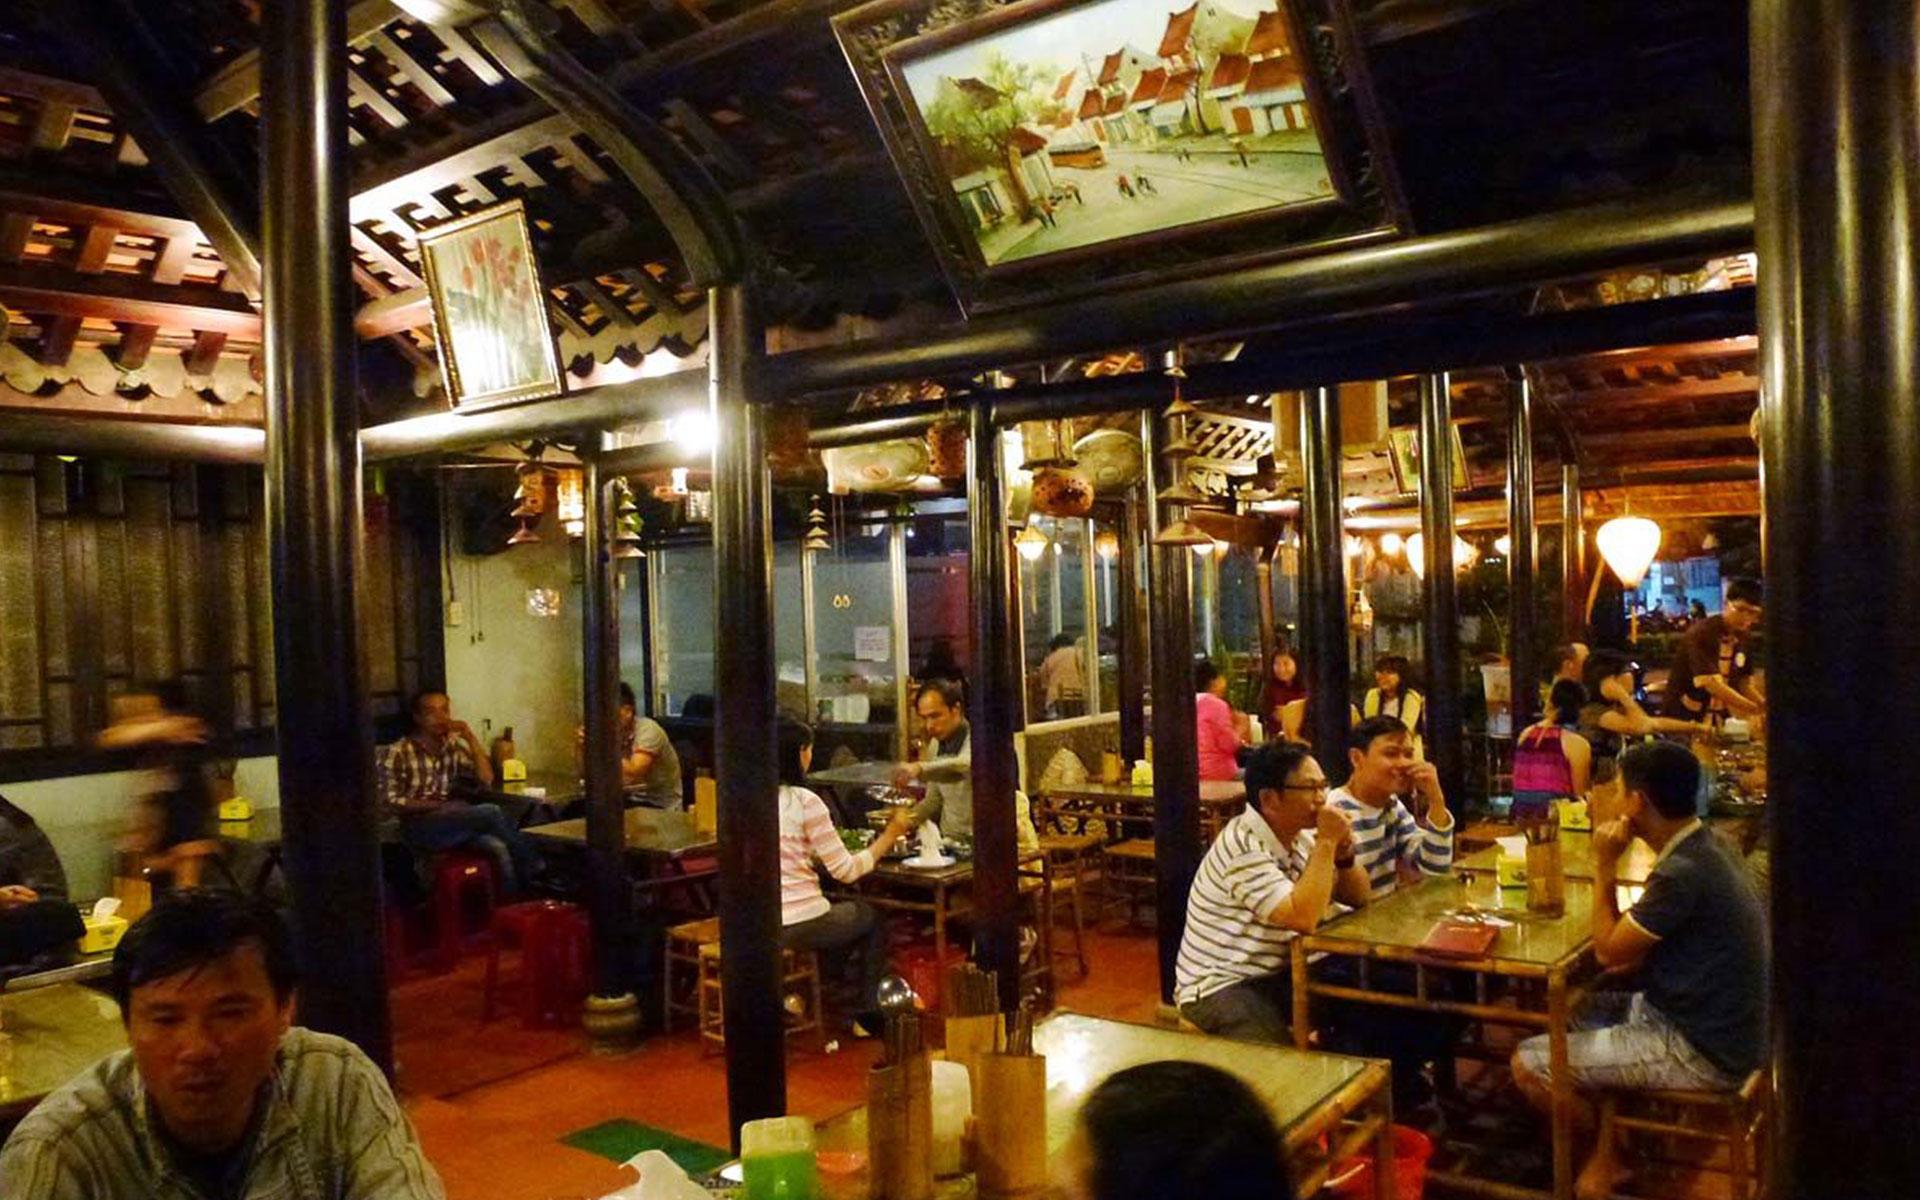 Lien Hoa Vegetarian Restaurant